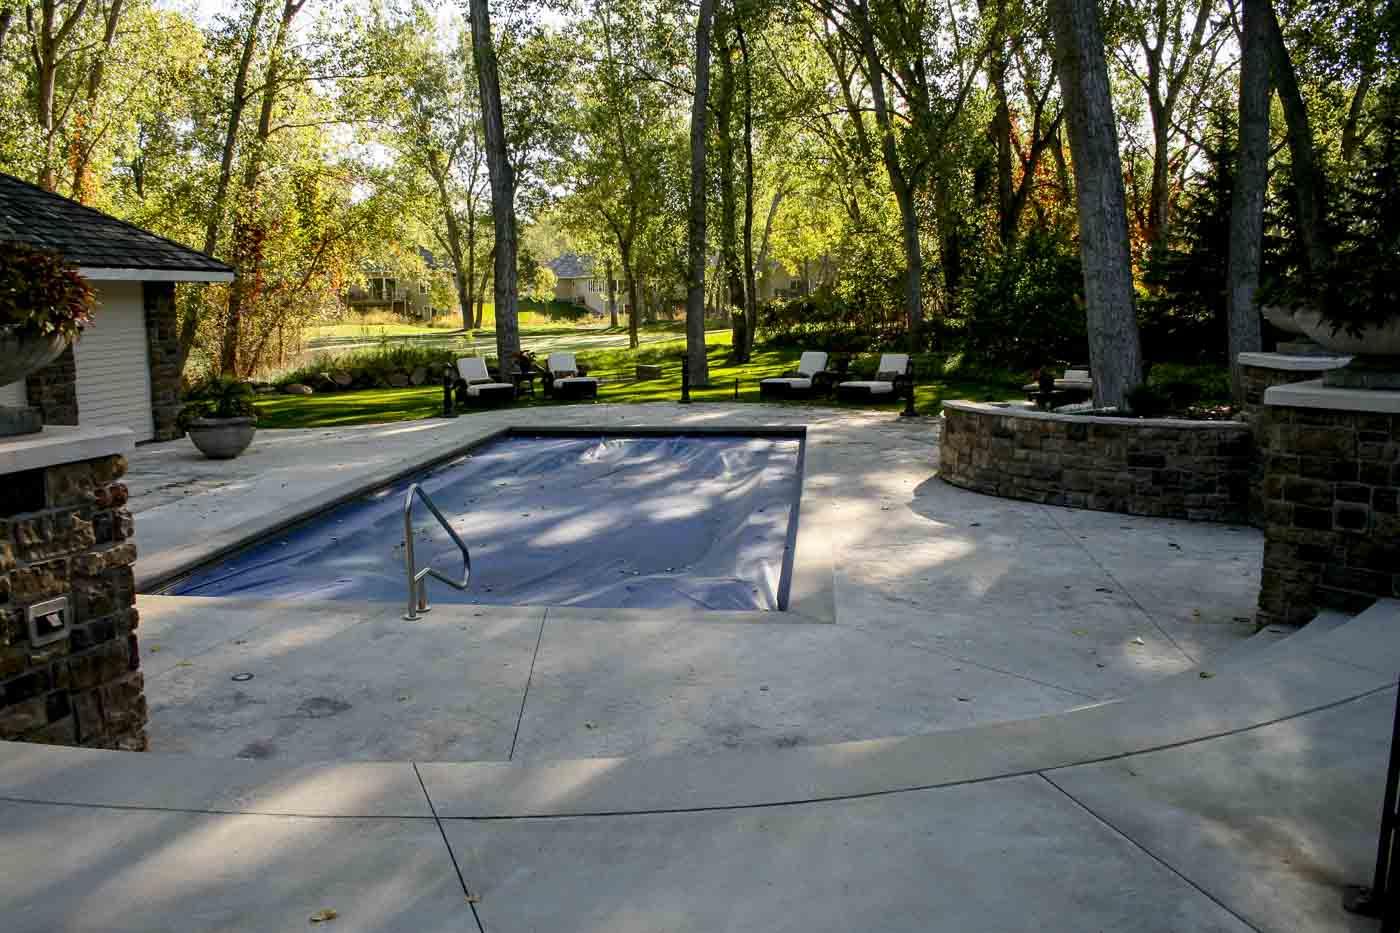 2009 Aquatech fibreglass pool cover